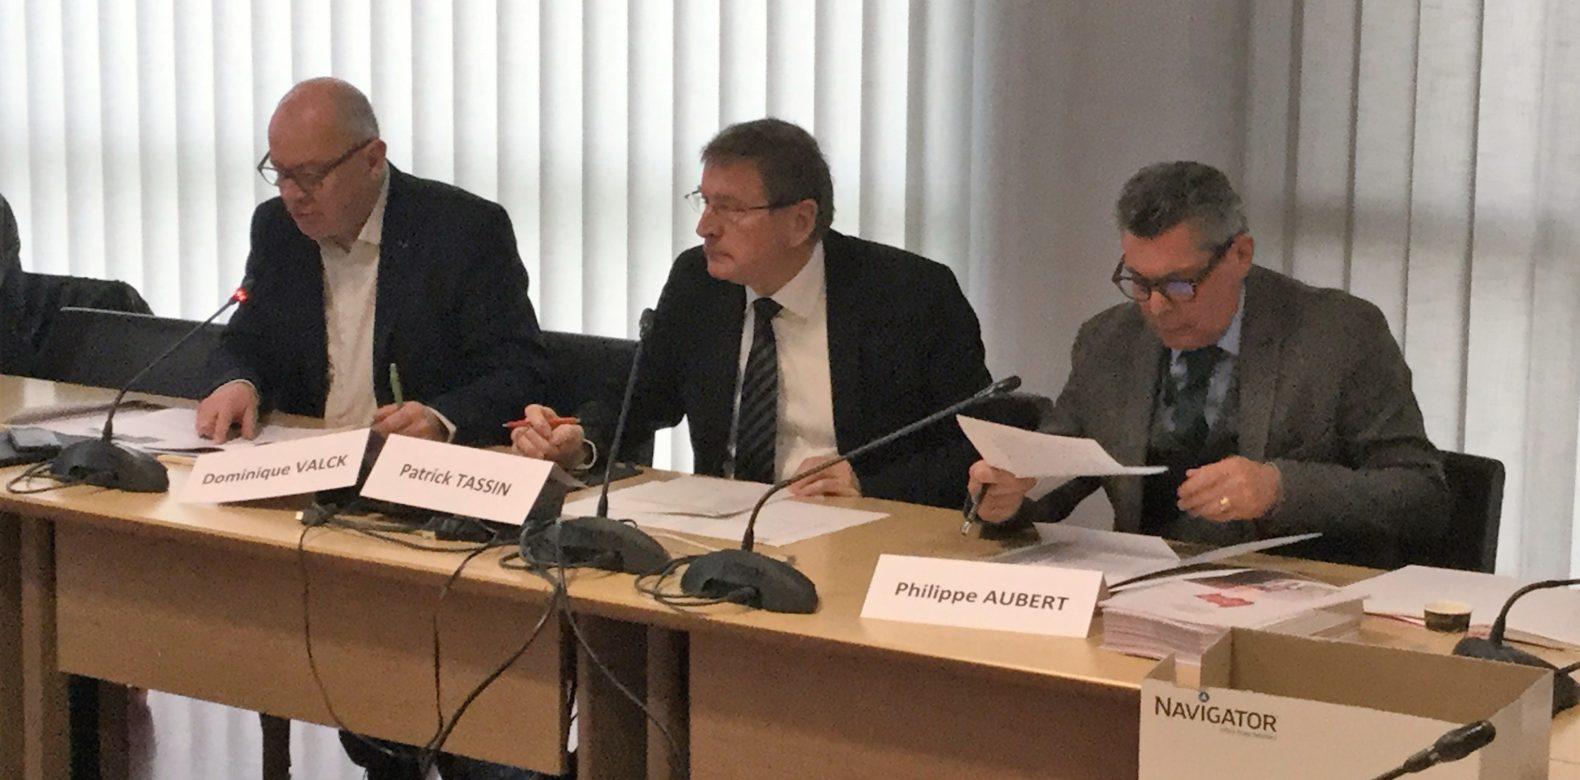 Les Conseils de Développement et le CESER du Grand Est appellent à la création d'espaces citoyens pérennes